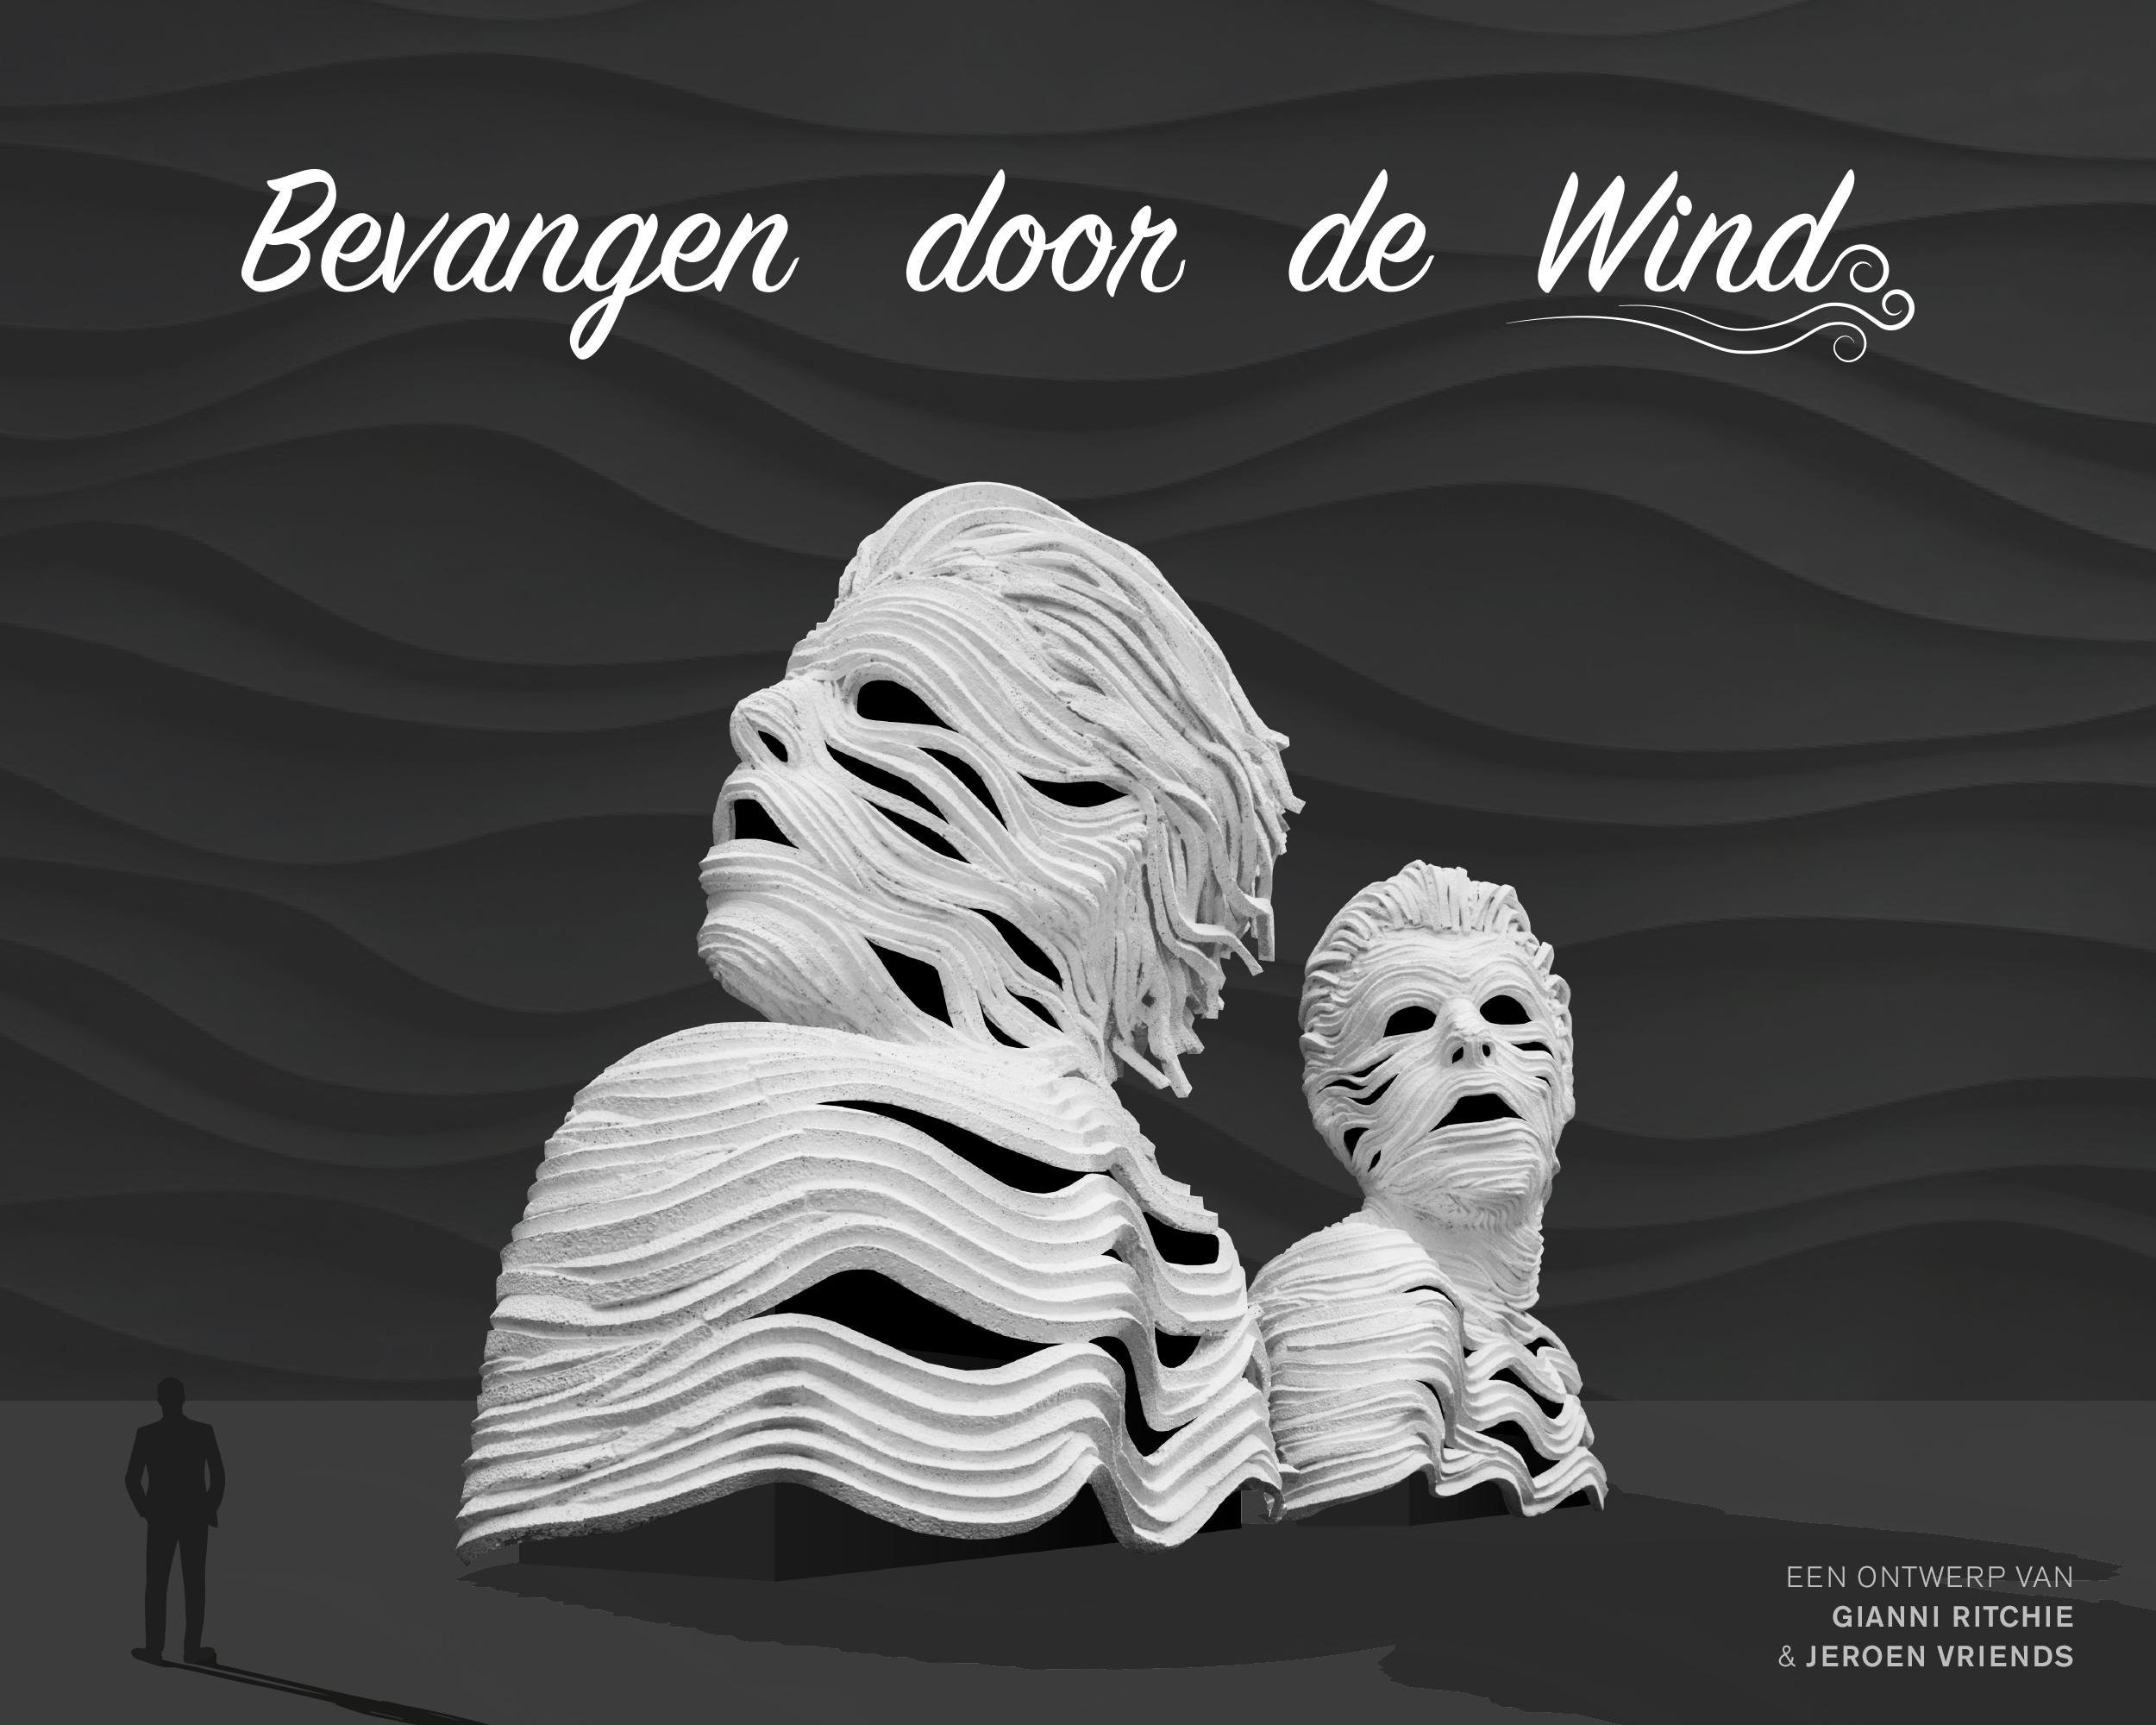 Bevangen-door-de-wind_schuin_voor_V2